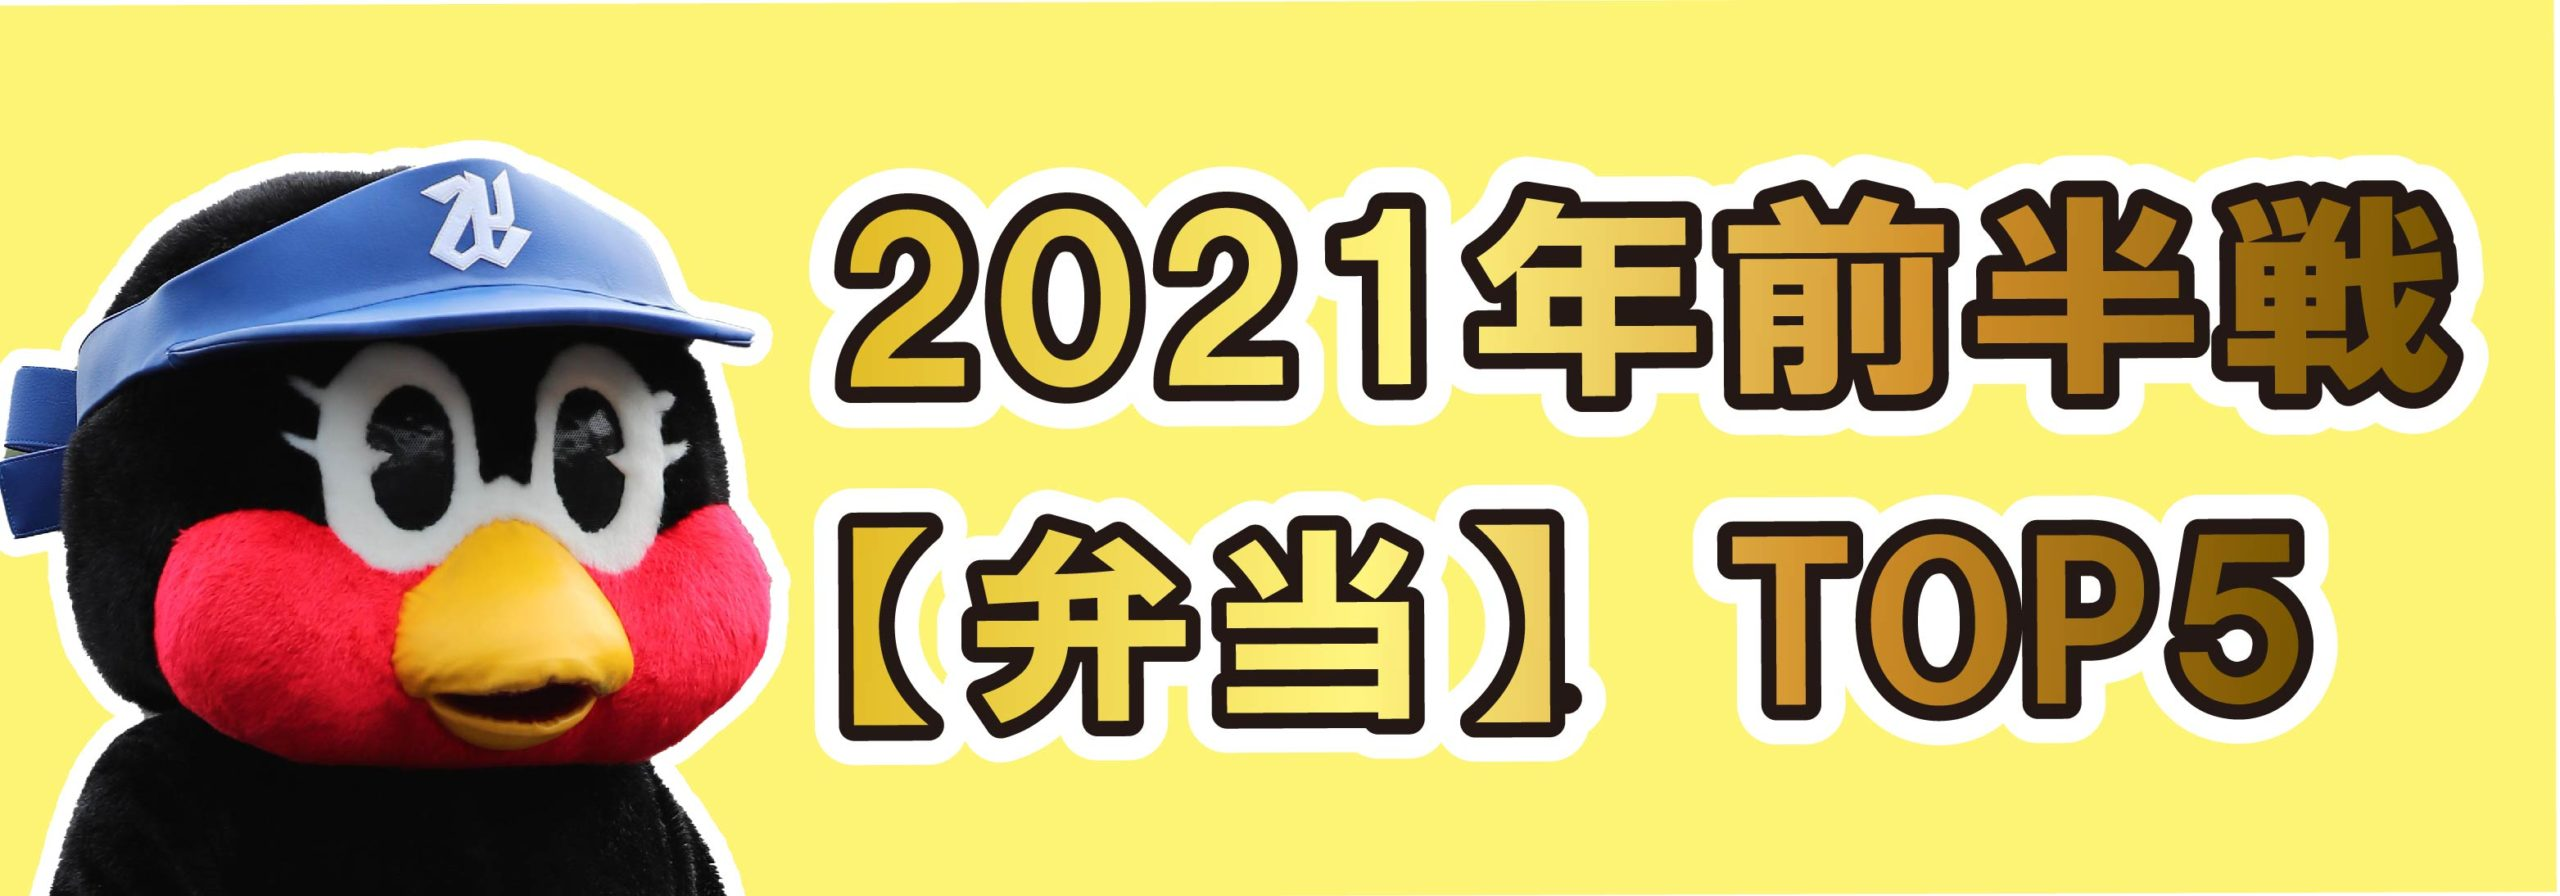 2021年前半戦スワローズグルメランキング【弁当】TOP5